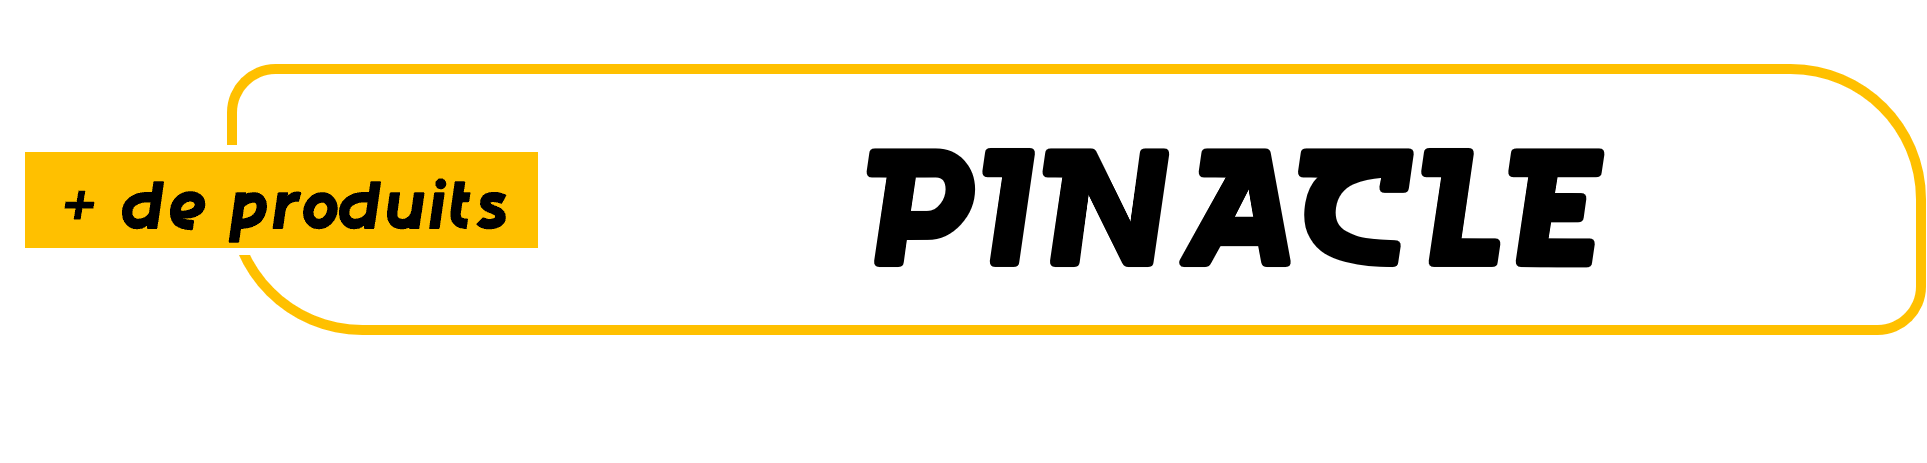 PINACLE